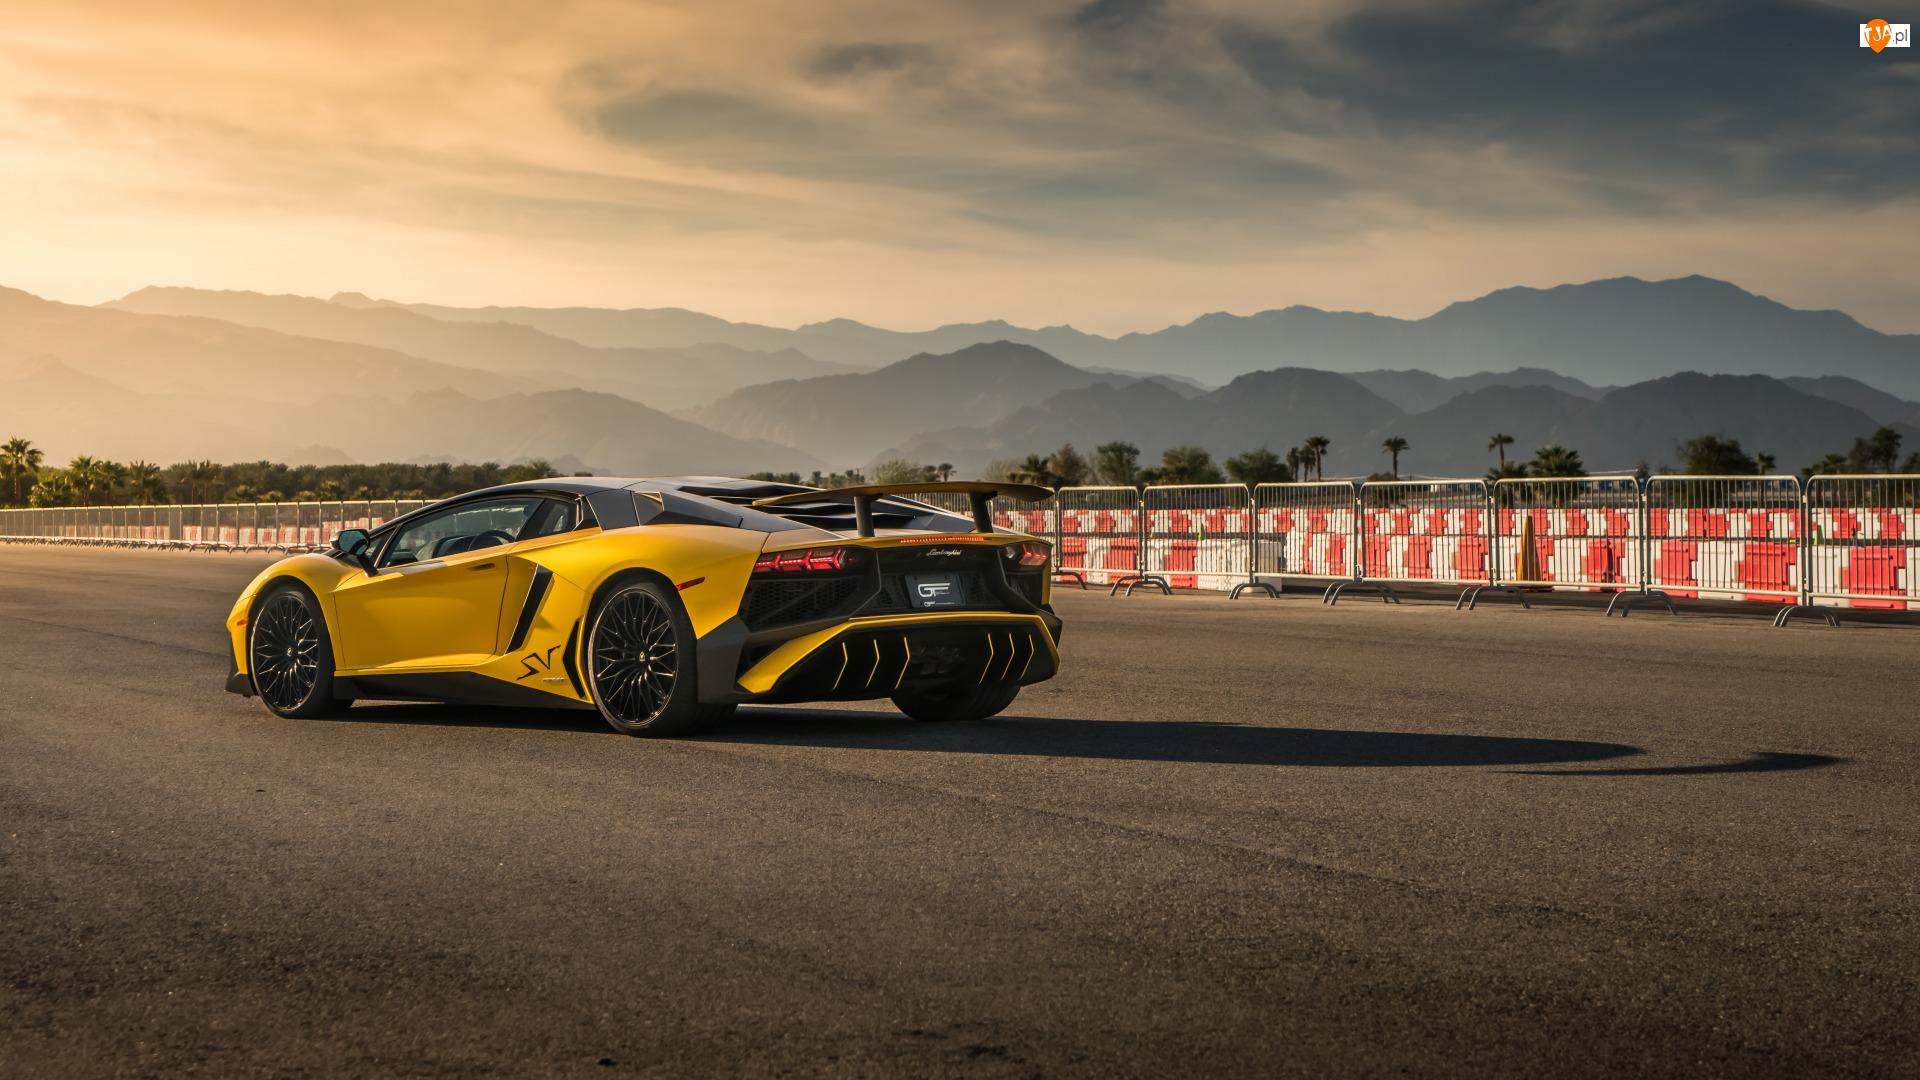 Lamborghini Aventador SVJ, Żółte